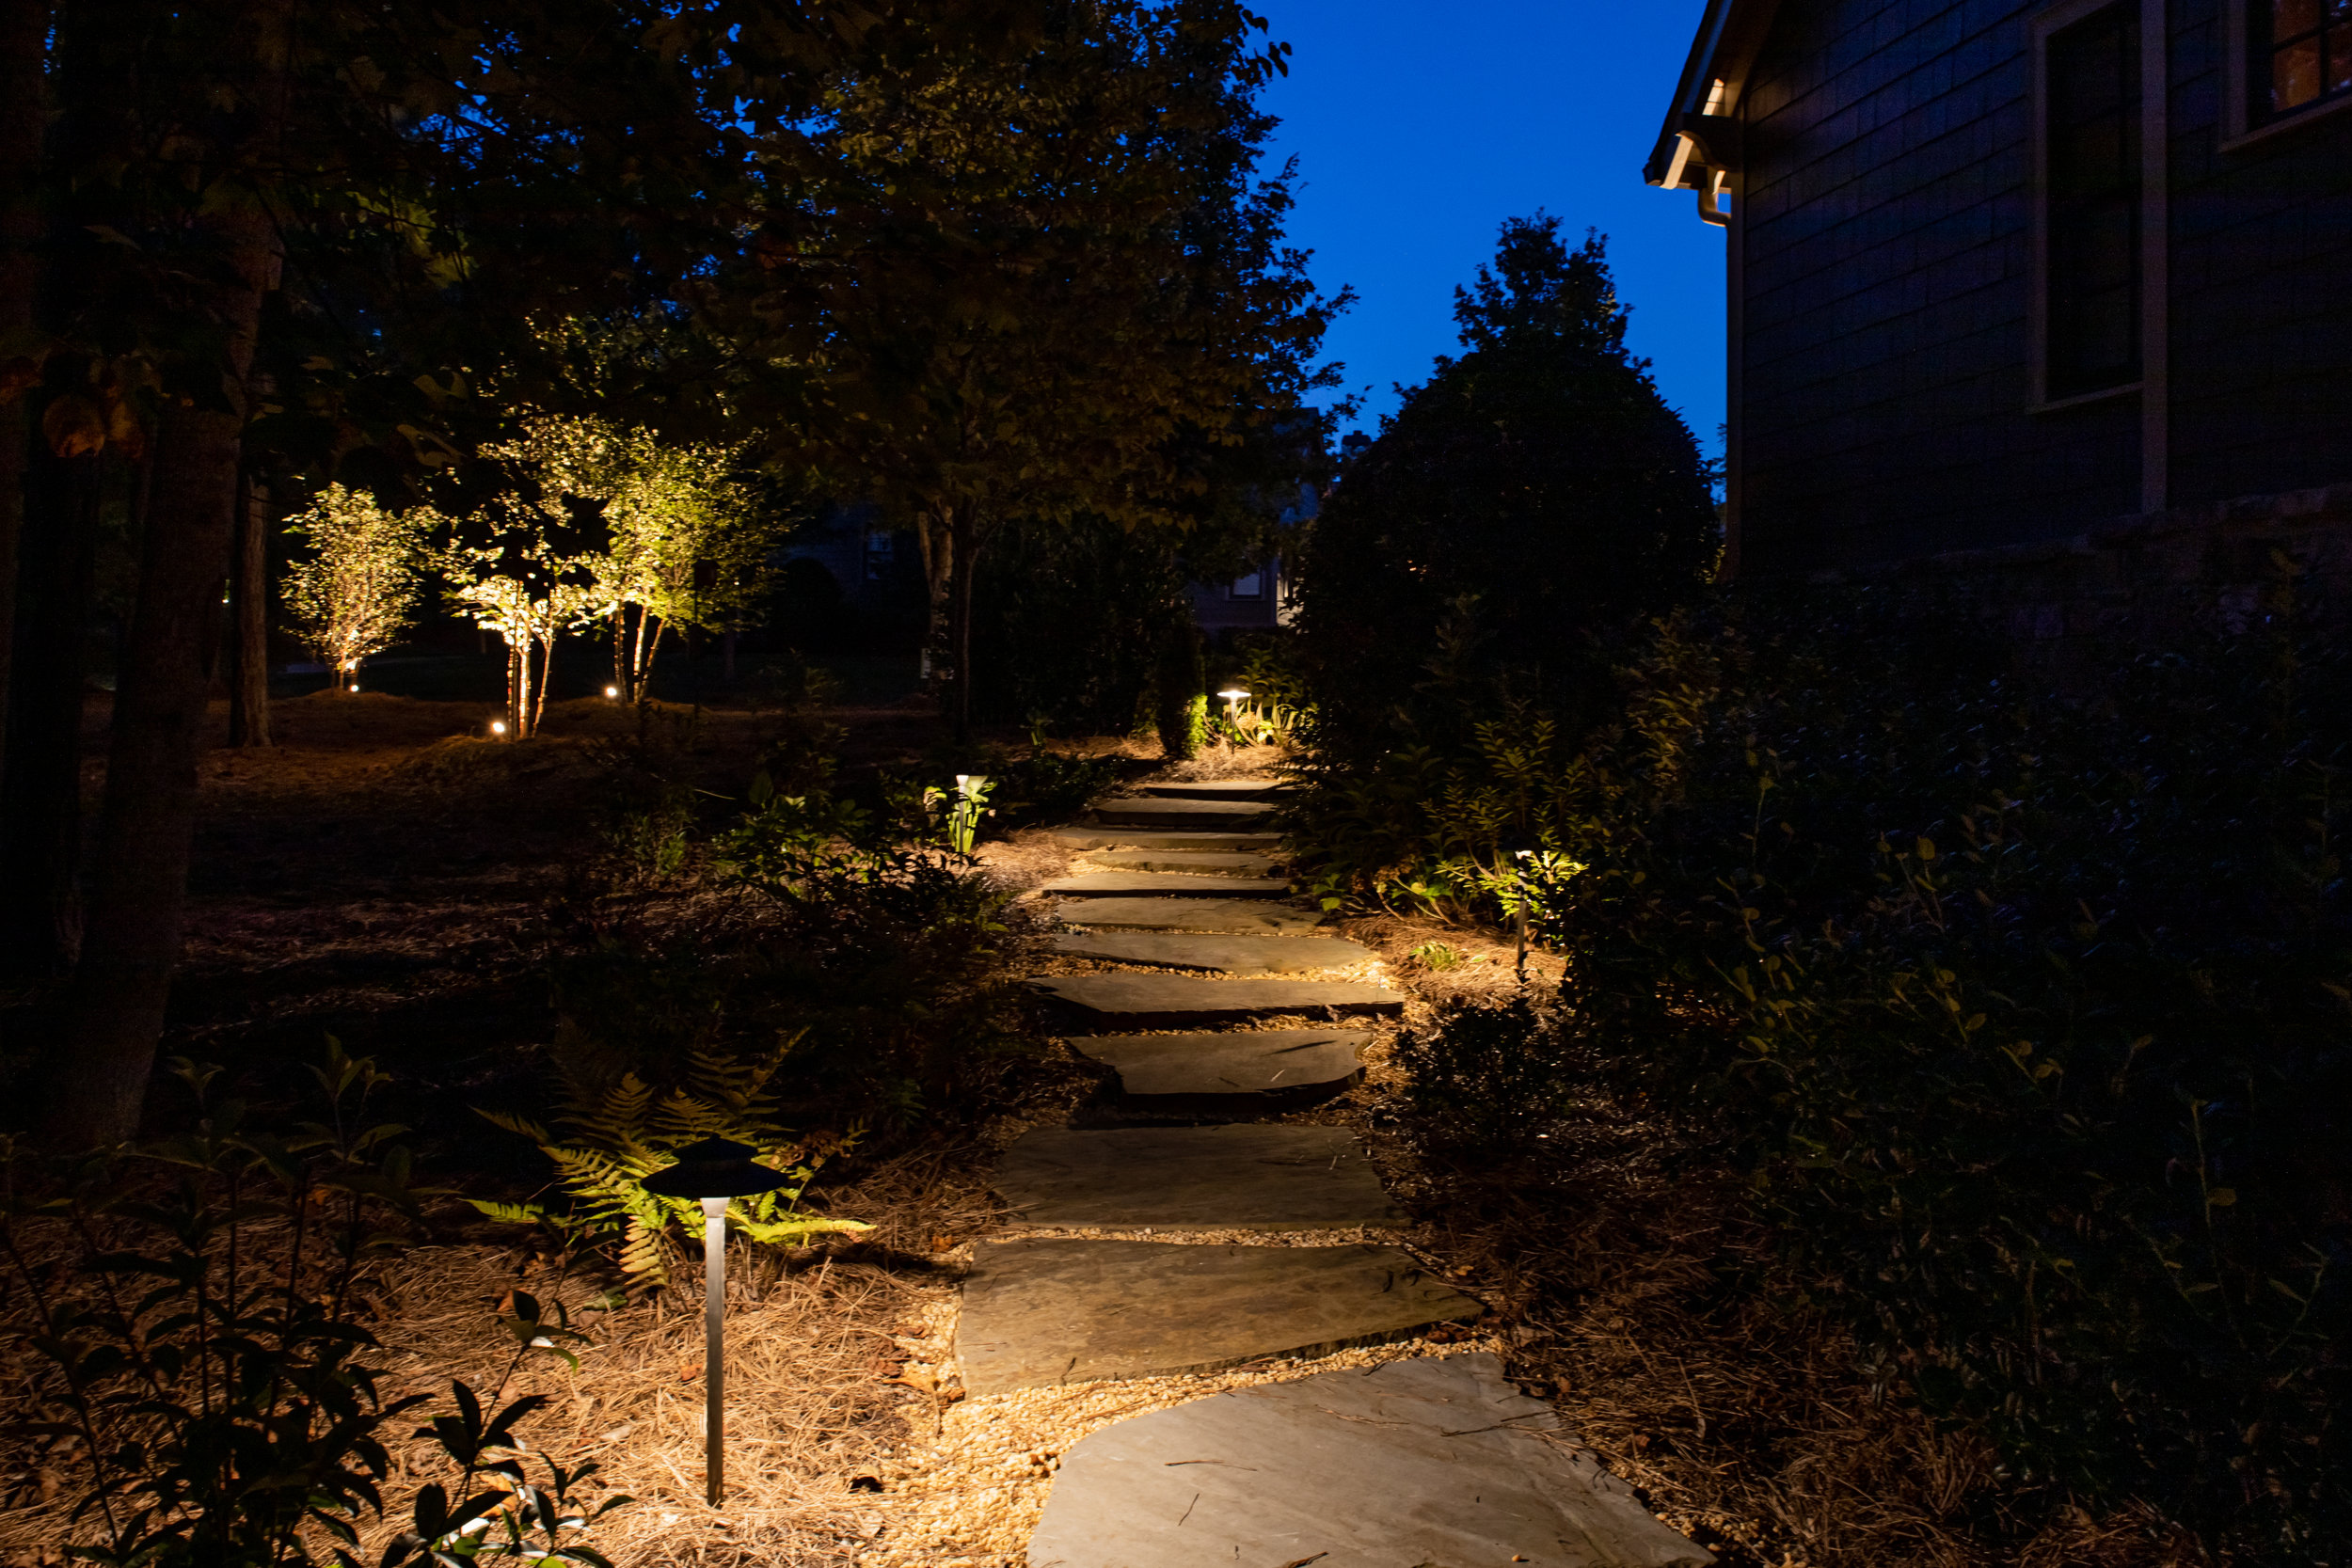 Shuster_landscape lighting path lighting